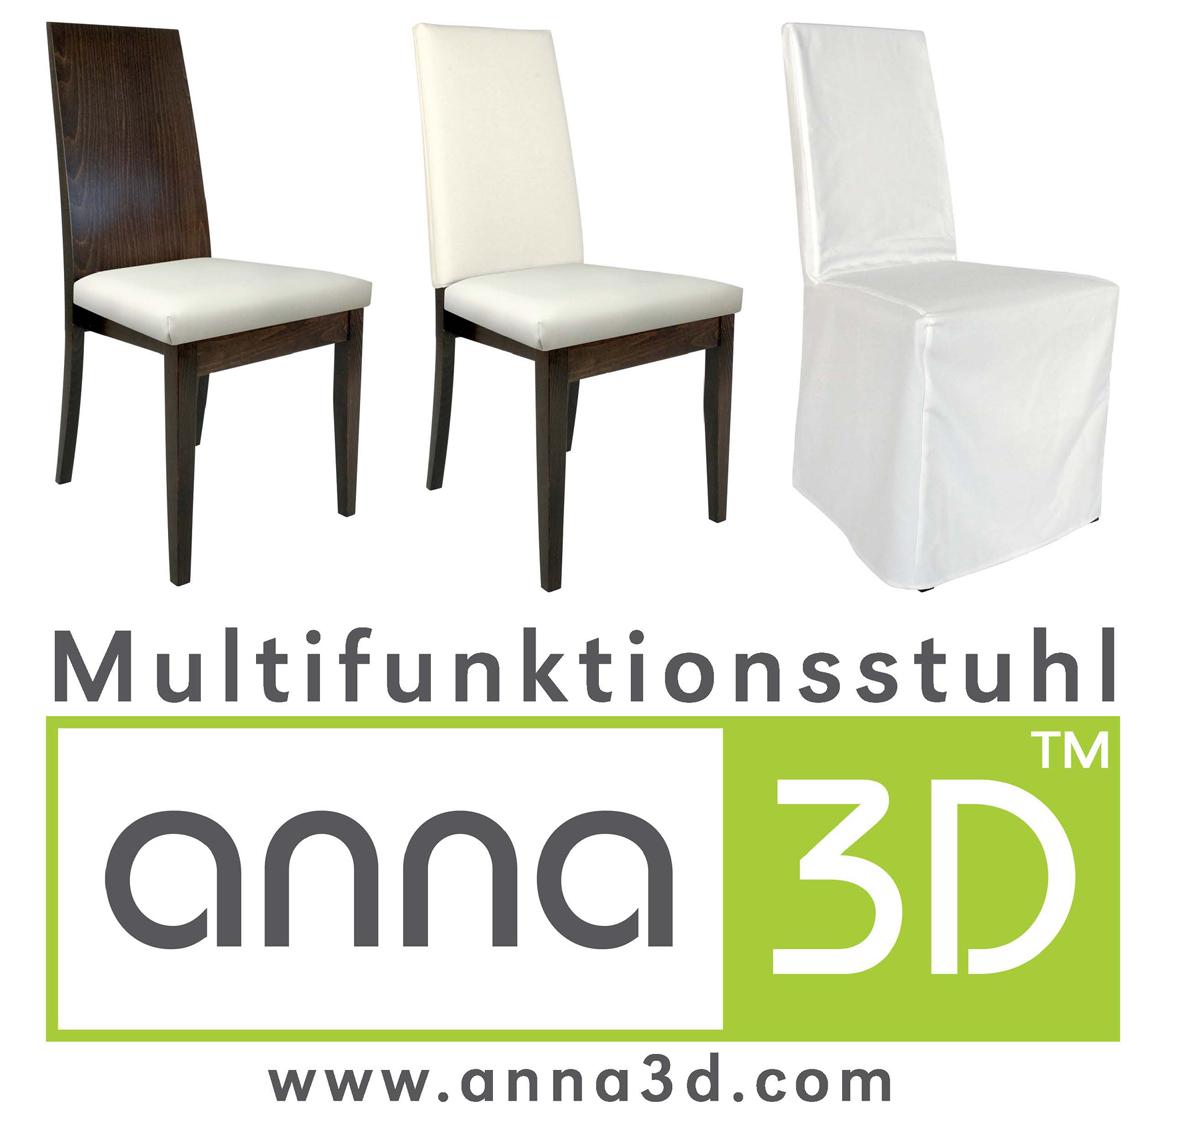 anna3D